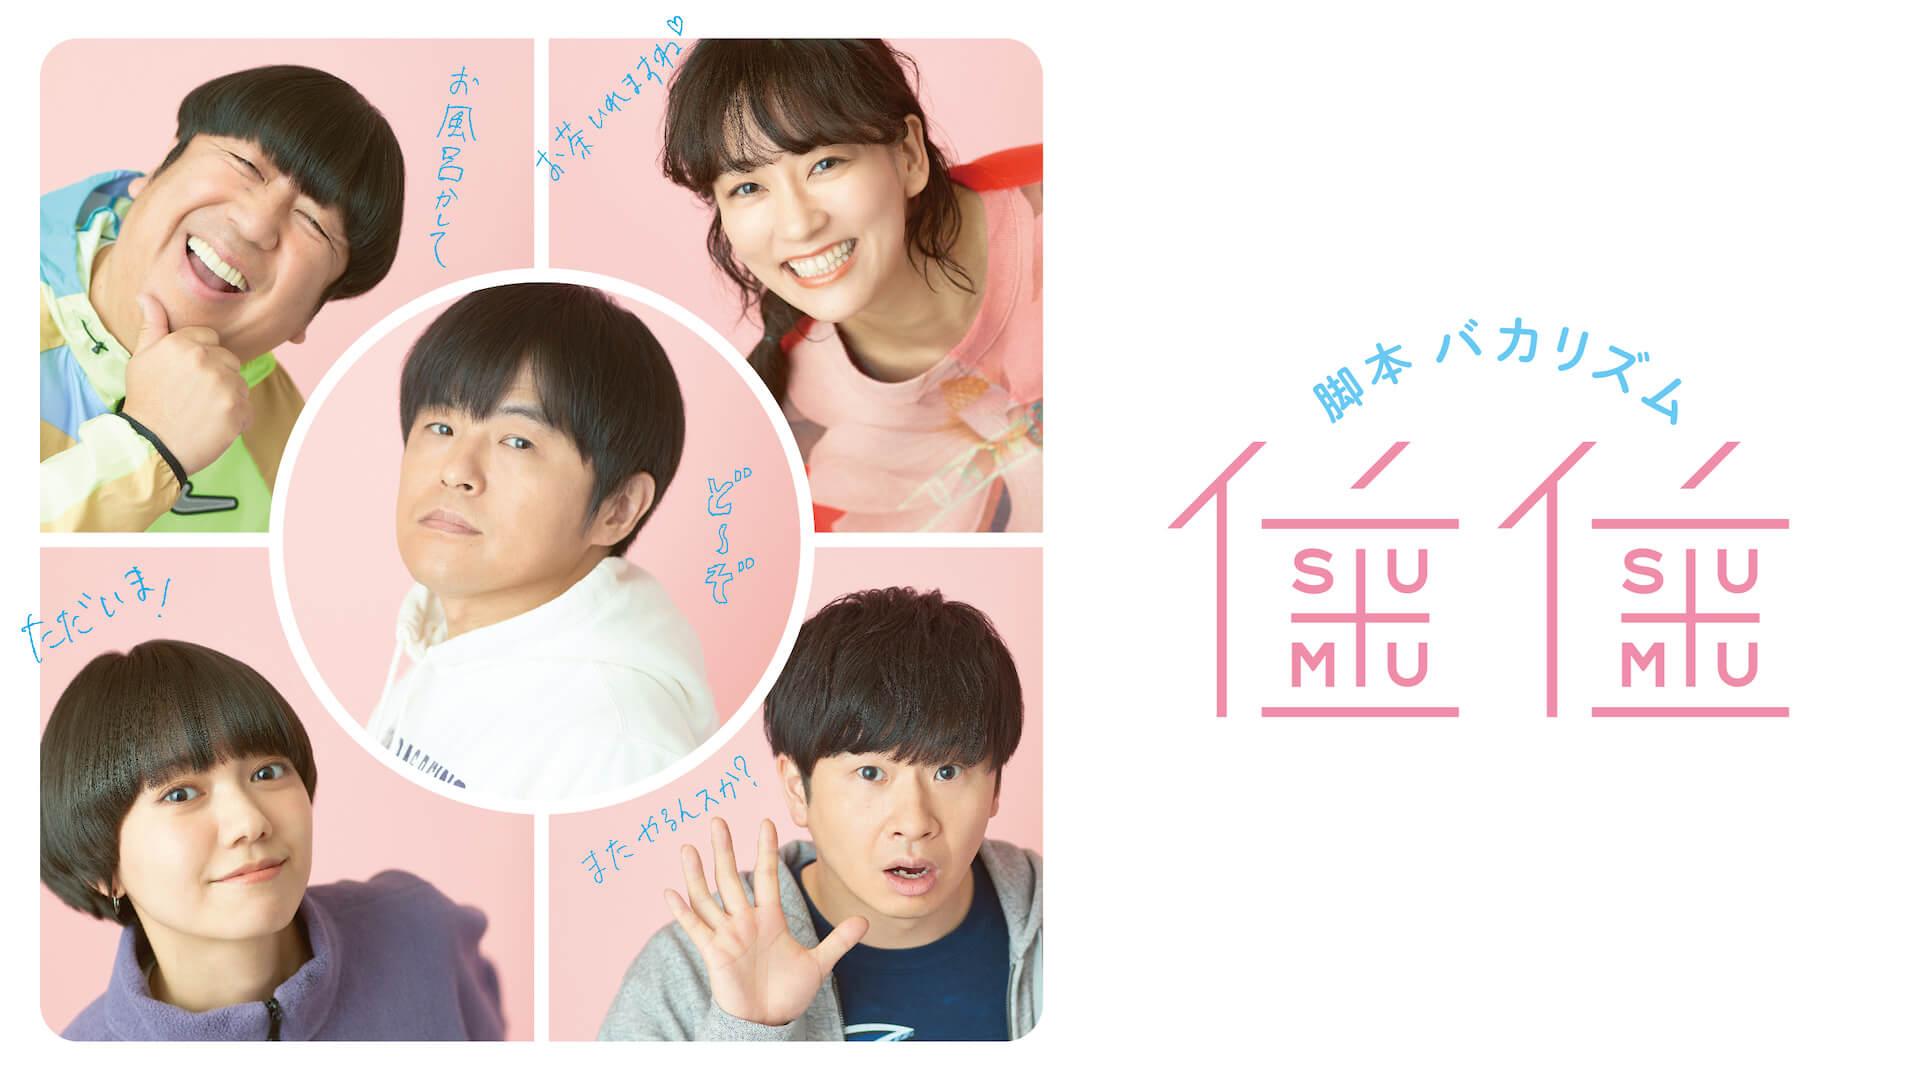 """Kan Sanoの新曲""""Natsume""""がバカリズム脚本で話題のドラマ『住住』主題歌に!特別映像も解禁 music210428_kansano_sumusumu_1"""